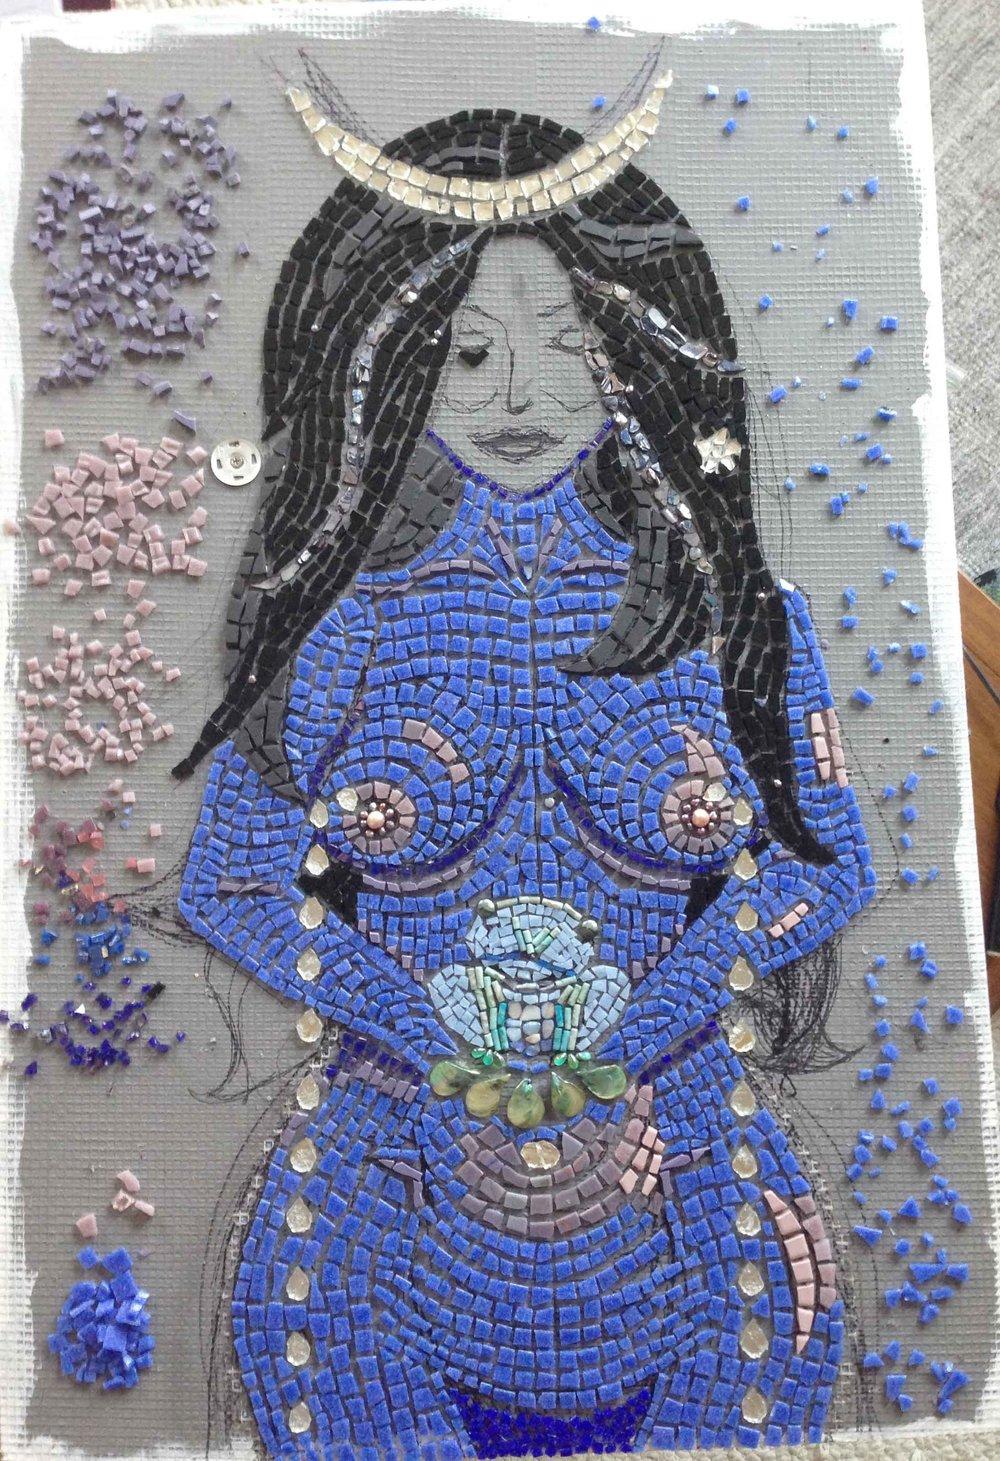 creative-empowerment-blue-goddess-calee-lucht-11.jpg